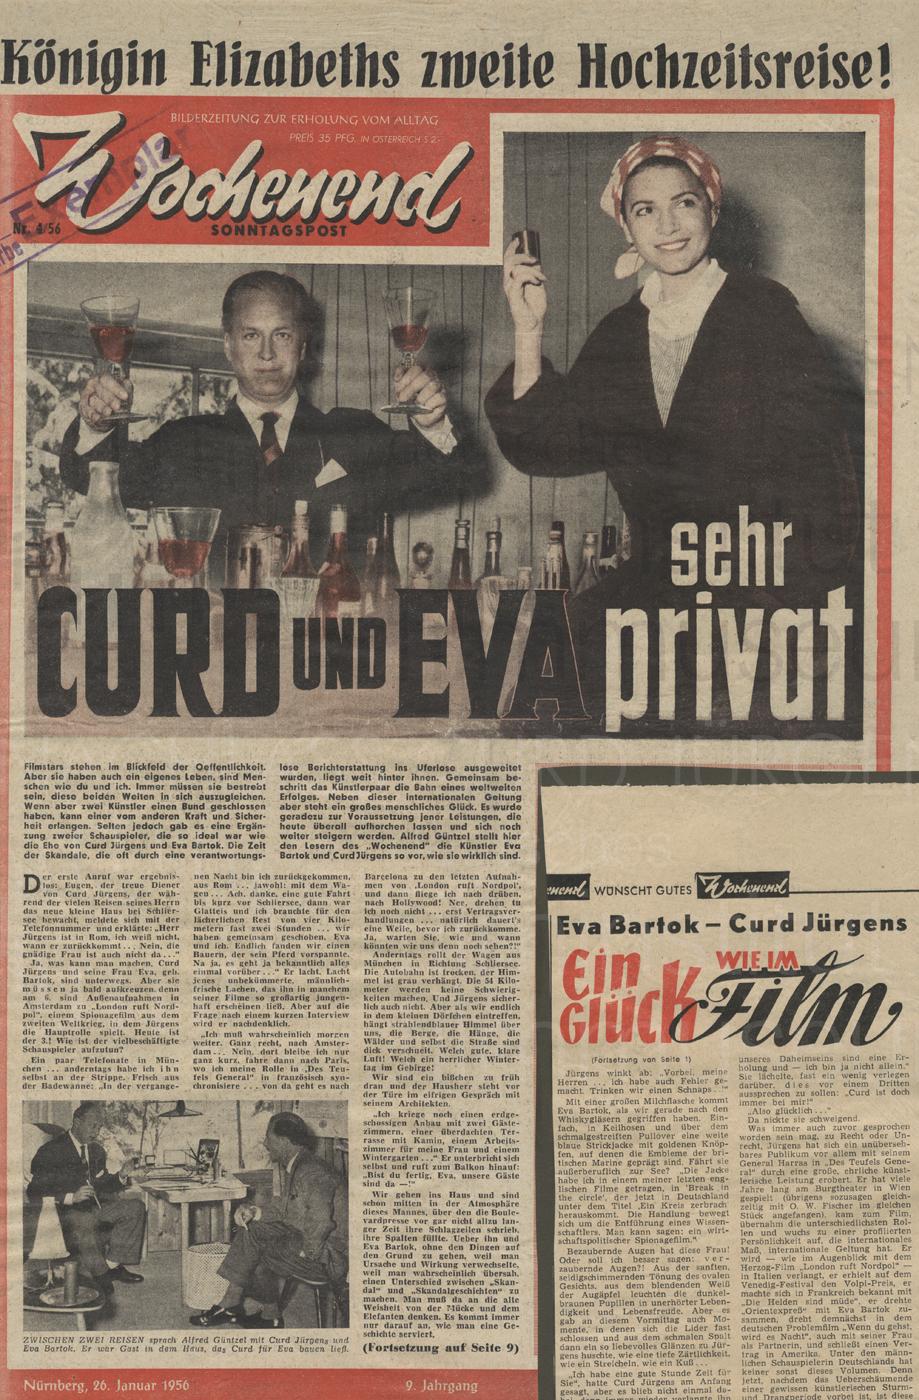 """Wochenend Sonntagspost: """"Curd und Eva sehr privat"""", 26.1.1956"""